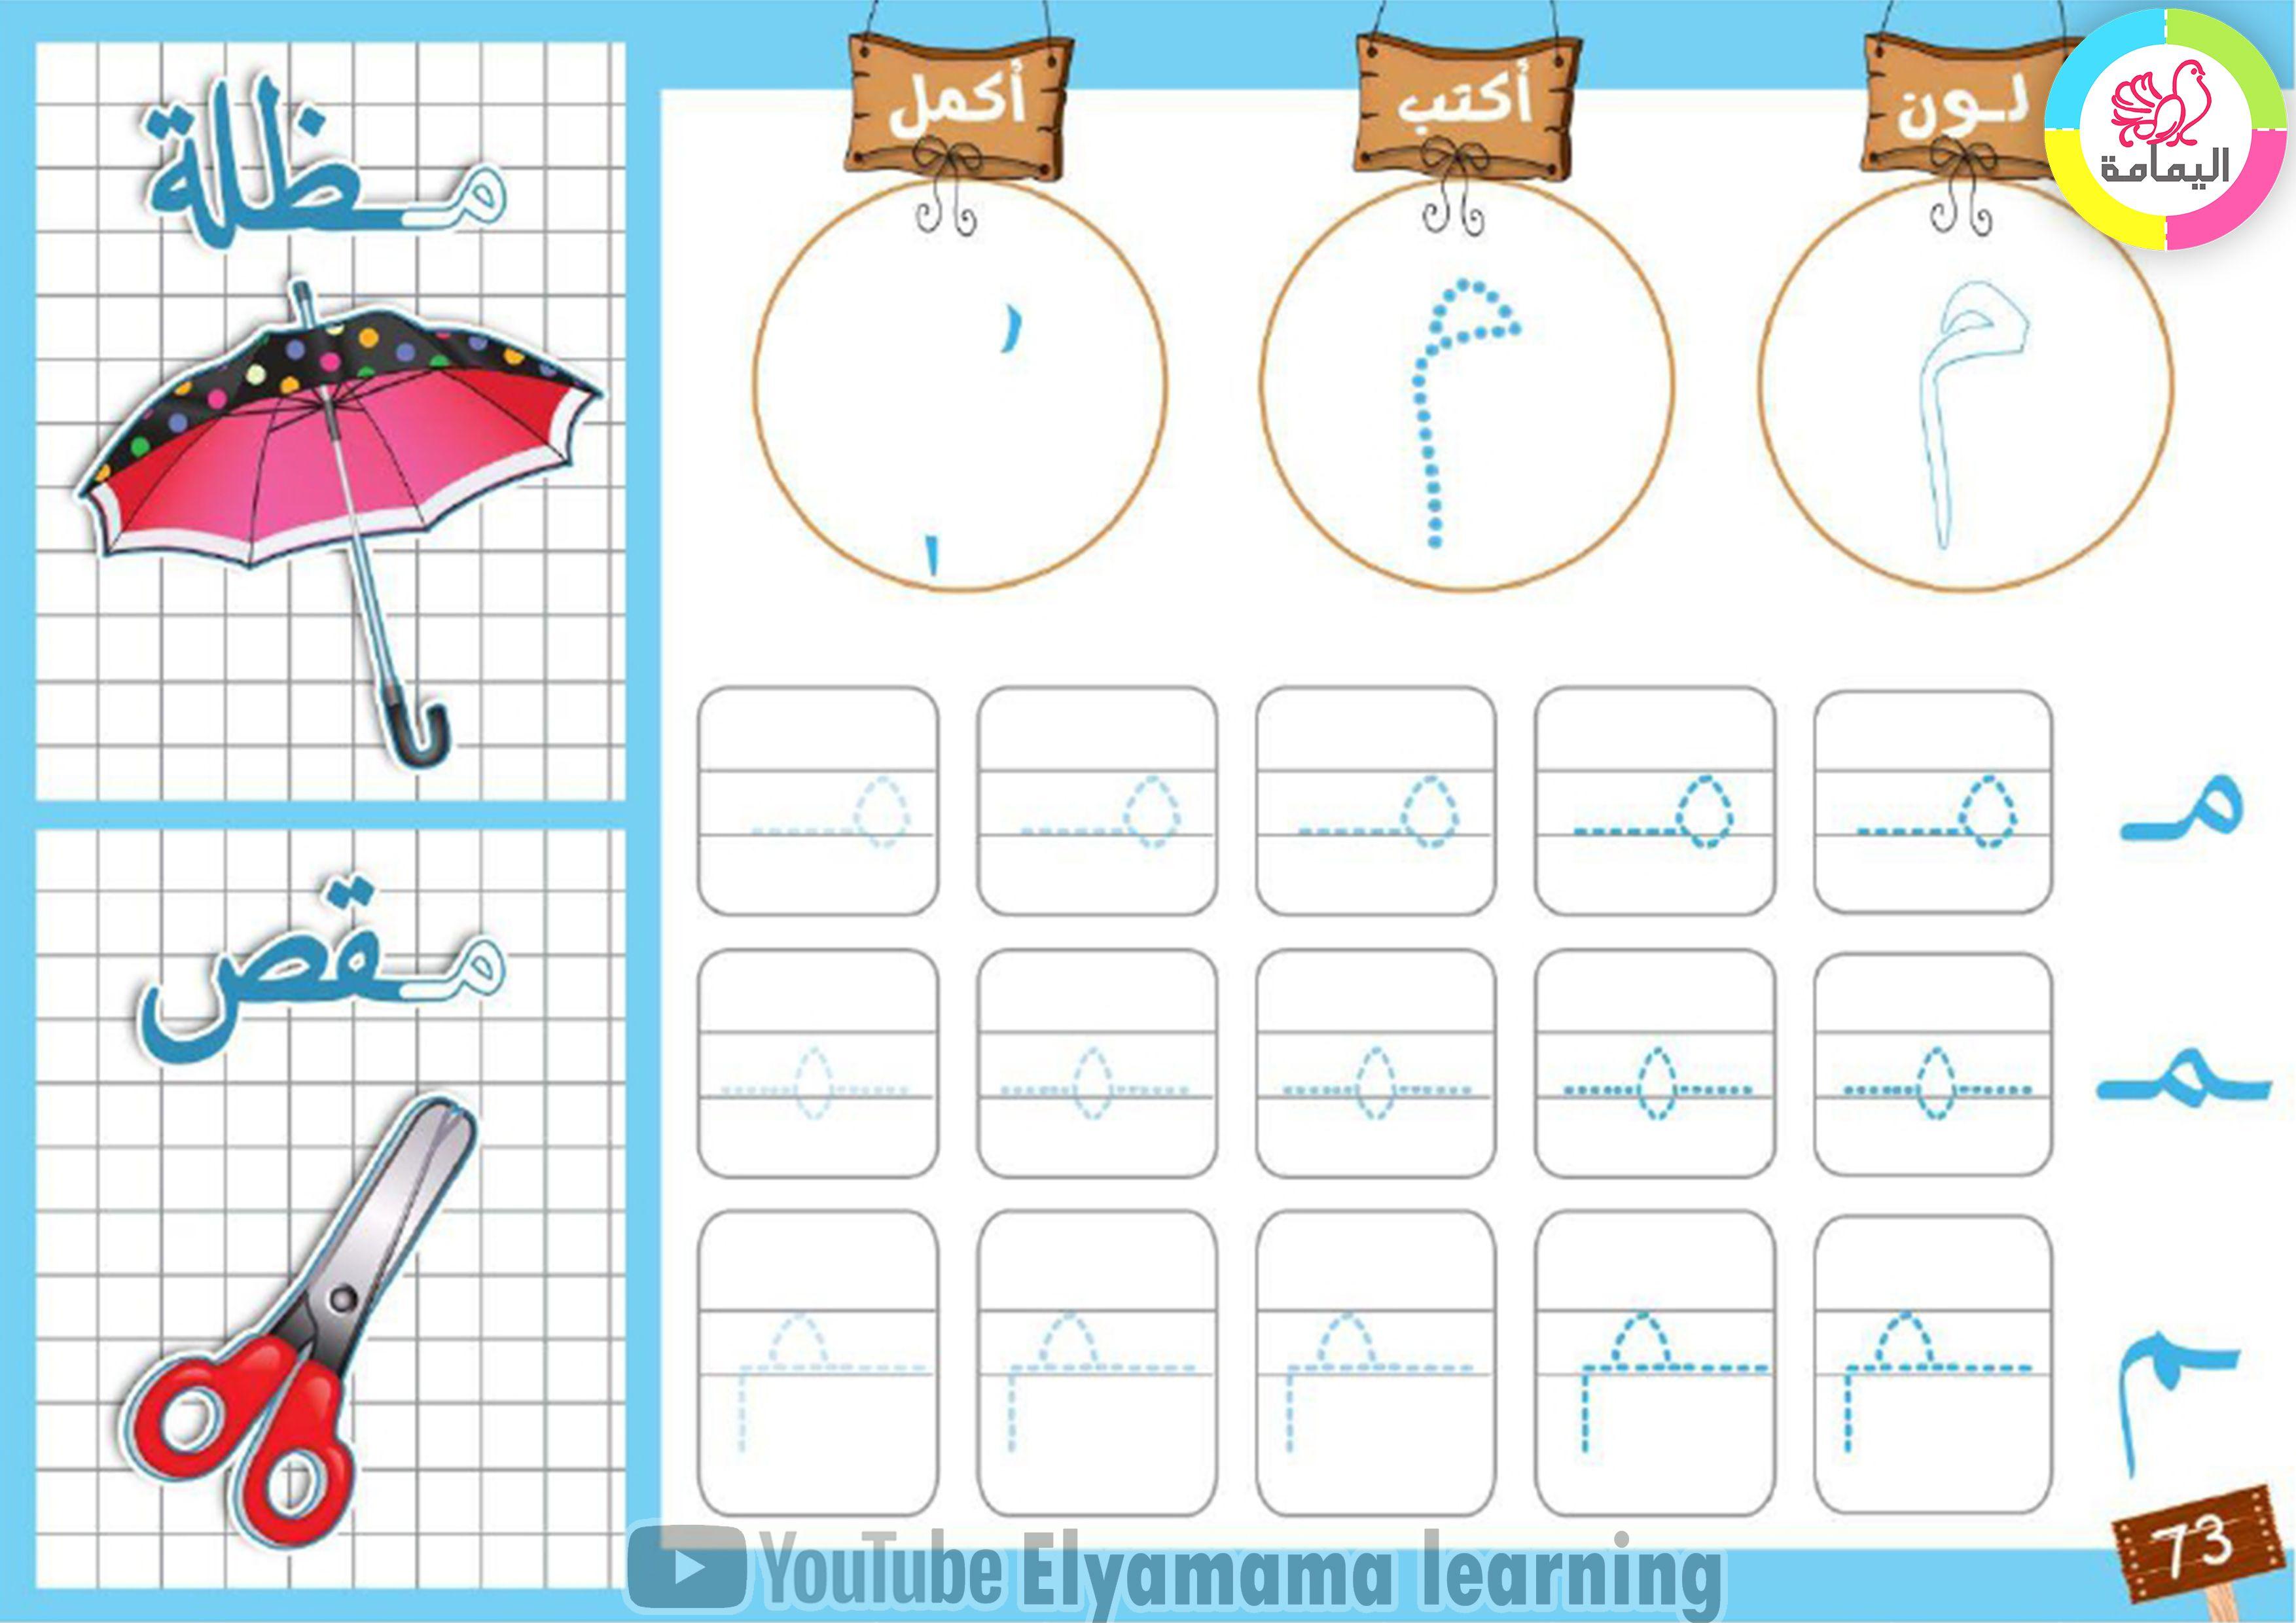 كراسة خط منقط أفكار لأنشطة رياض أطفال وسائل تعليمية من خامات البيئة الوسائل التعليمية حروف أطف Arabic Alphabet For Kids Alphabet For Kids Learn Arabic Alphabet